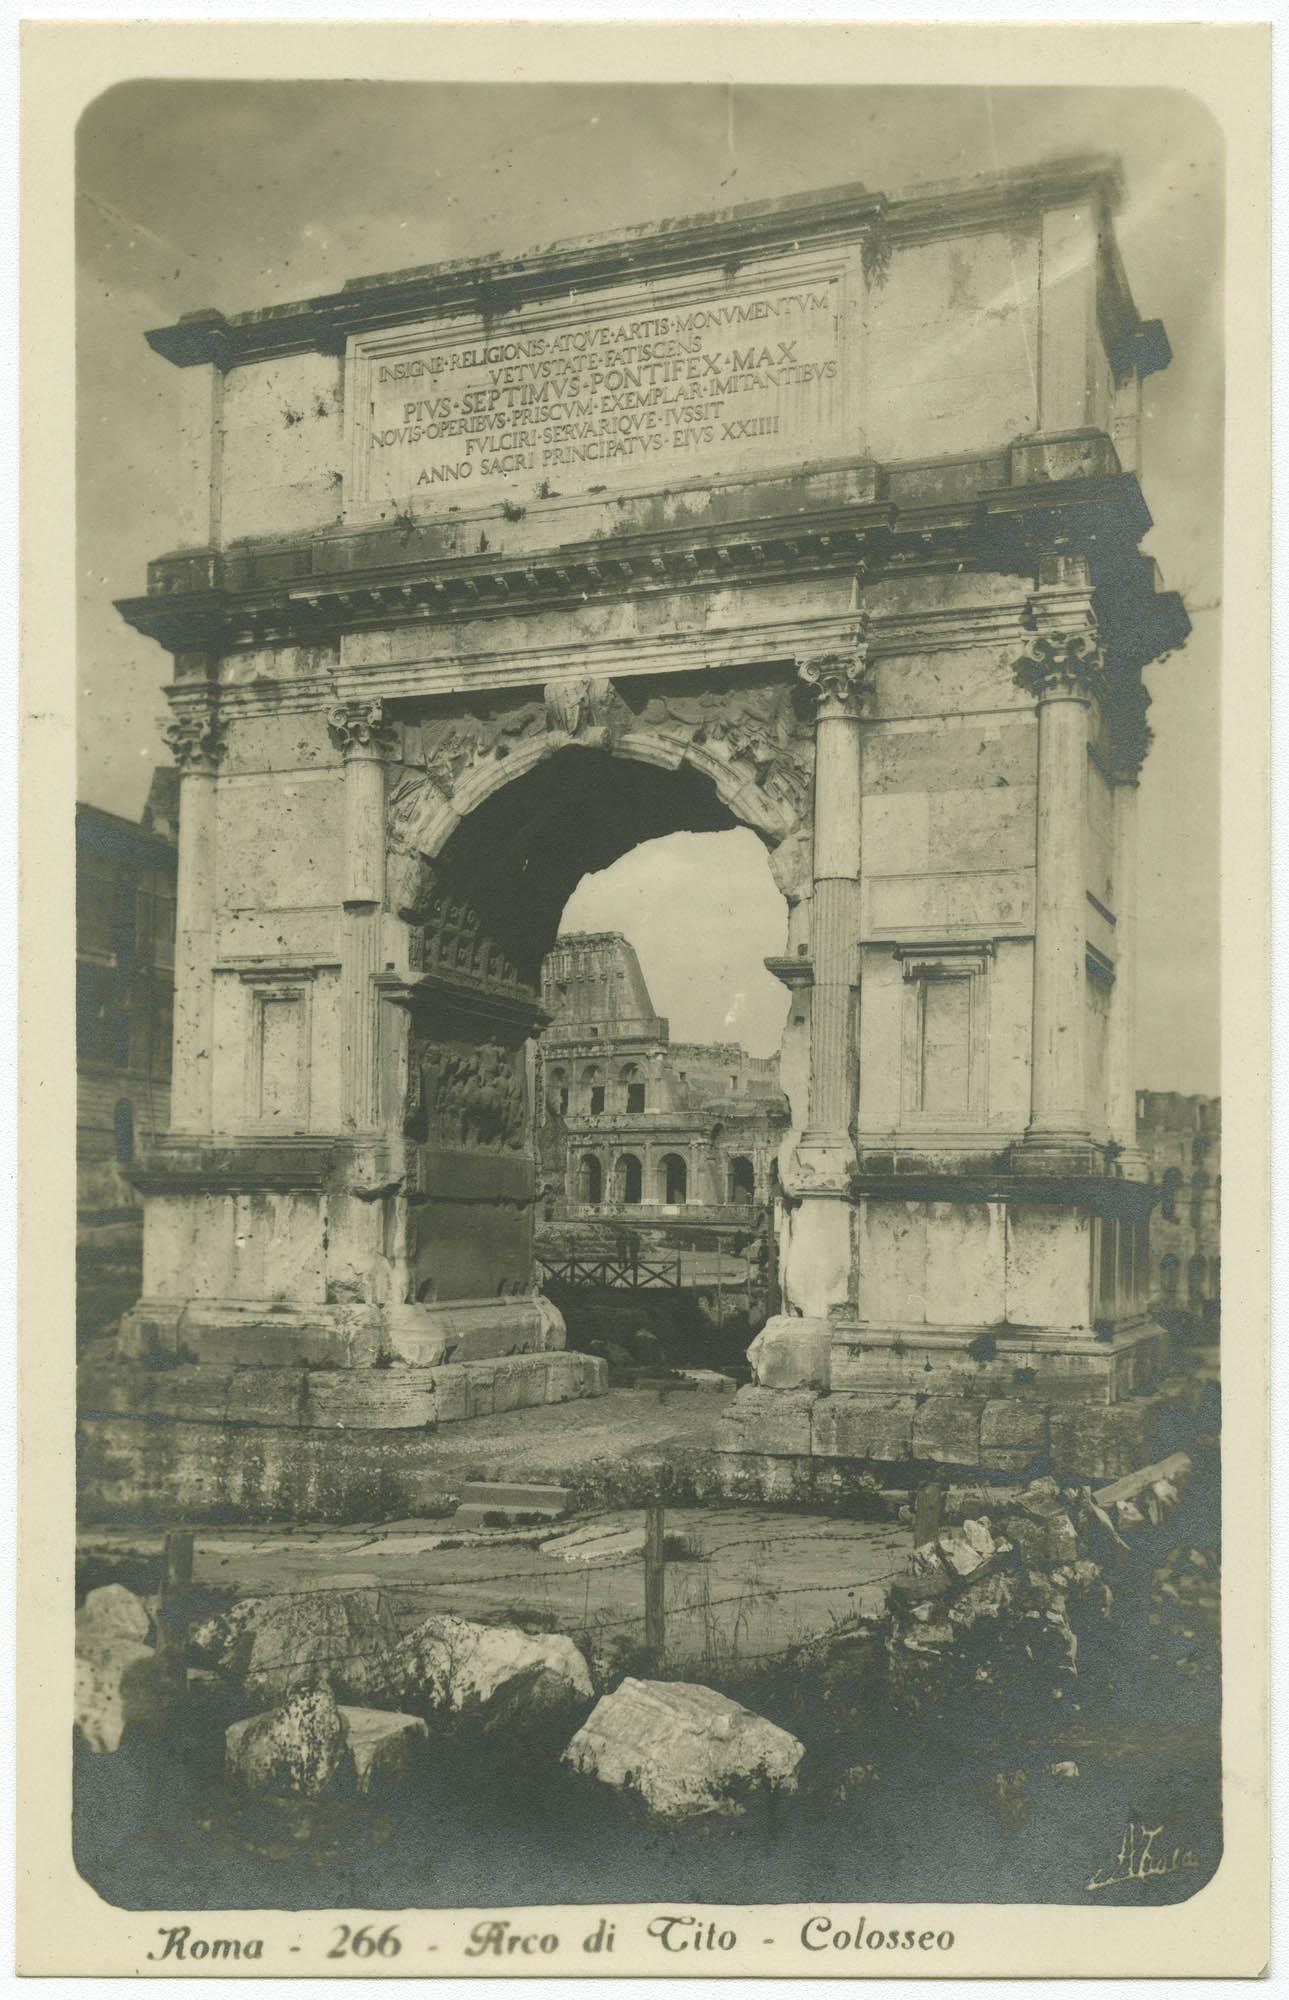 Roma - Arco di Tito - Colosseo